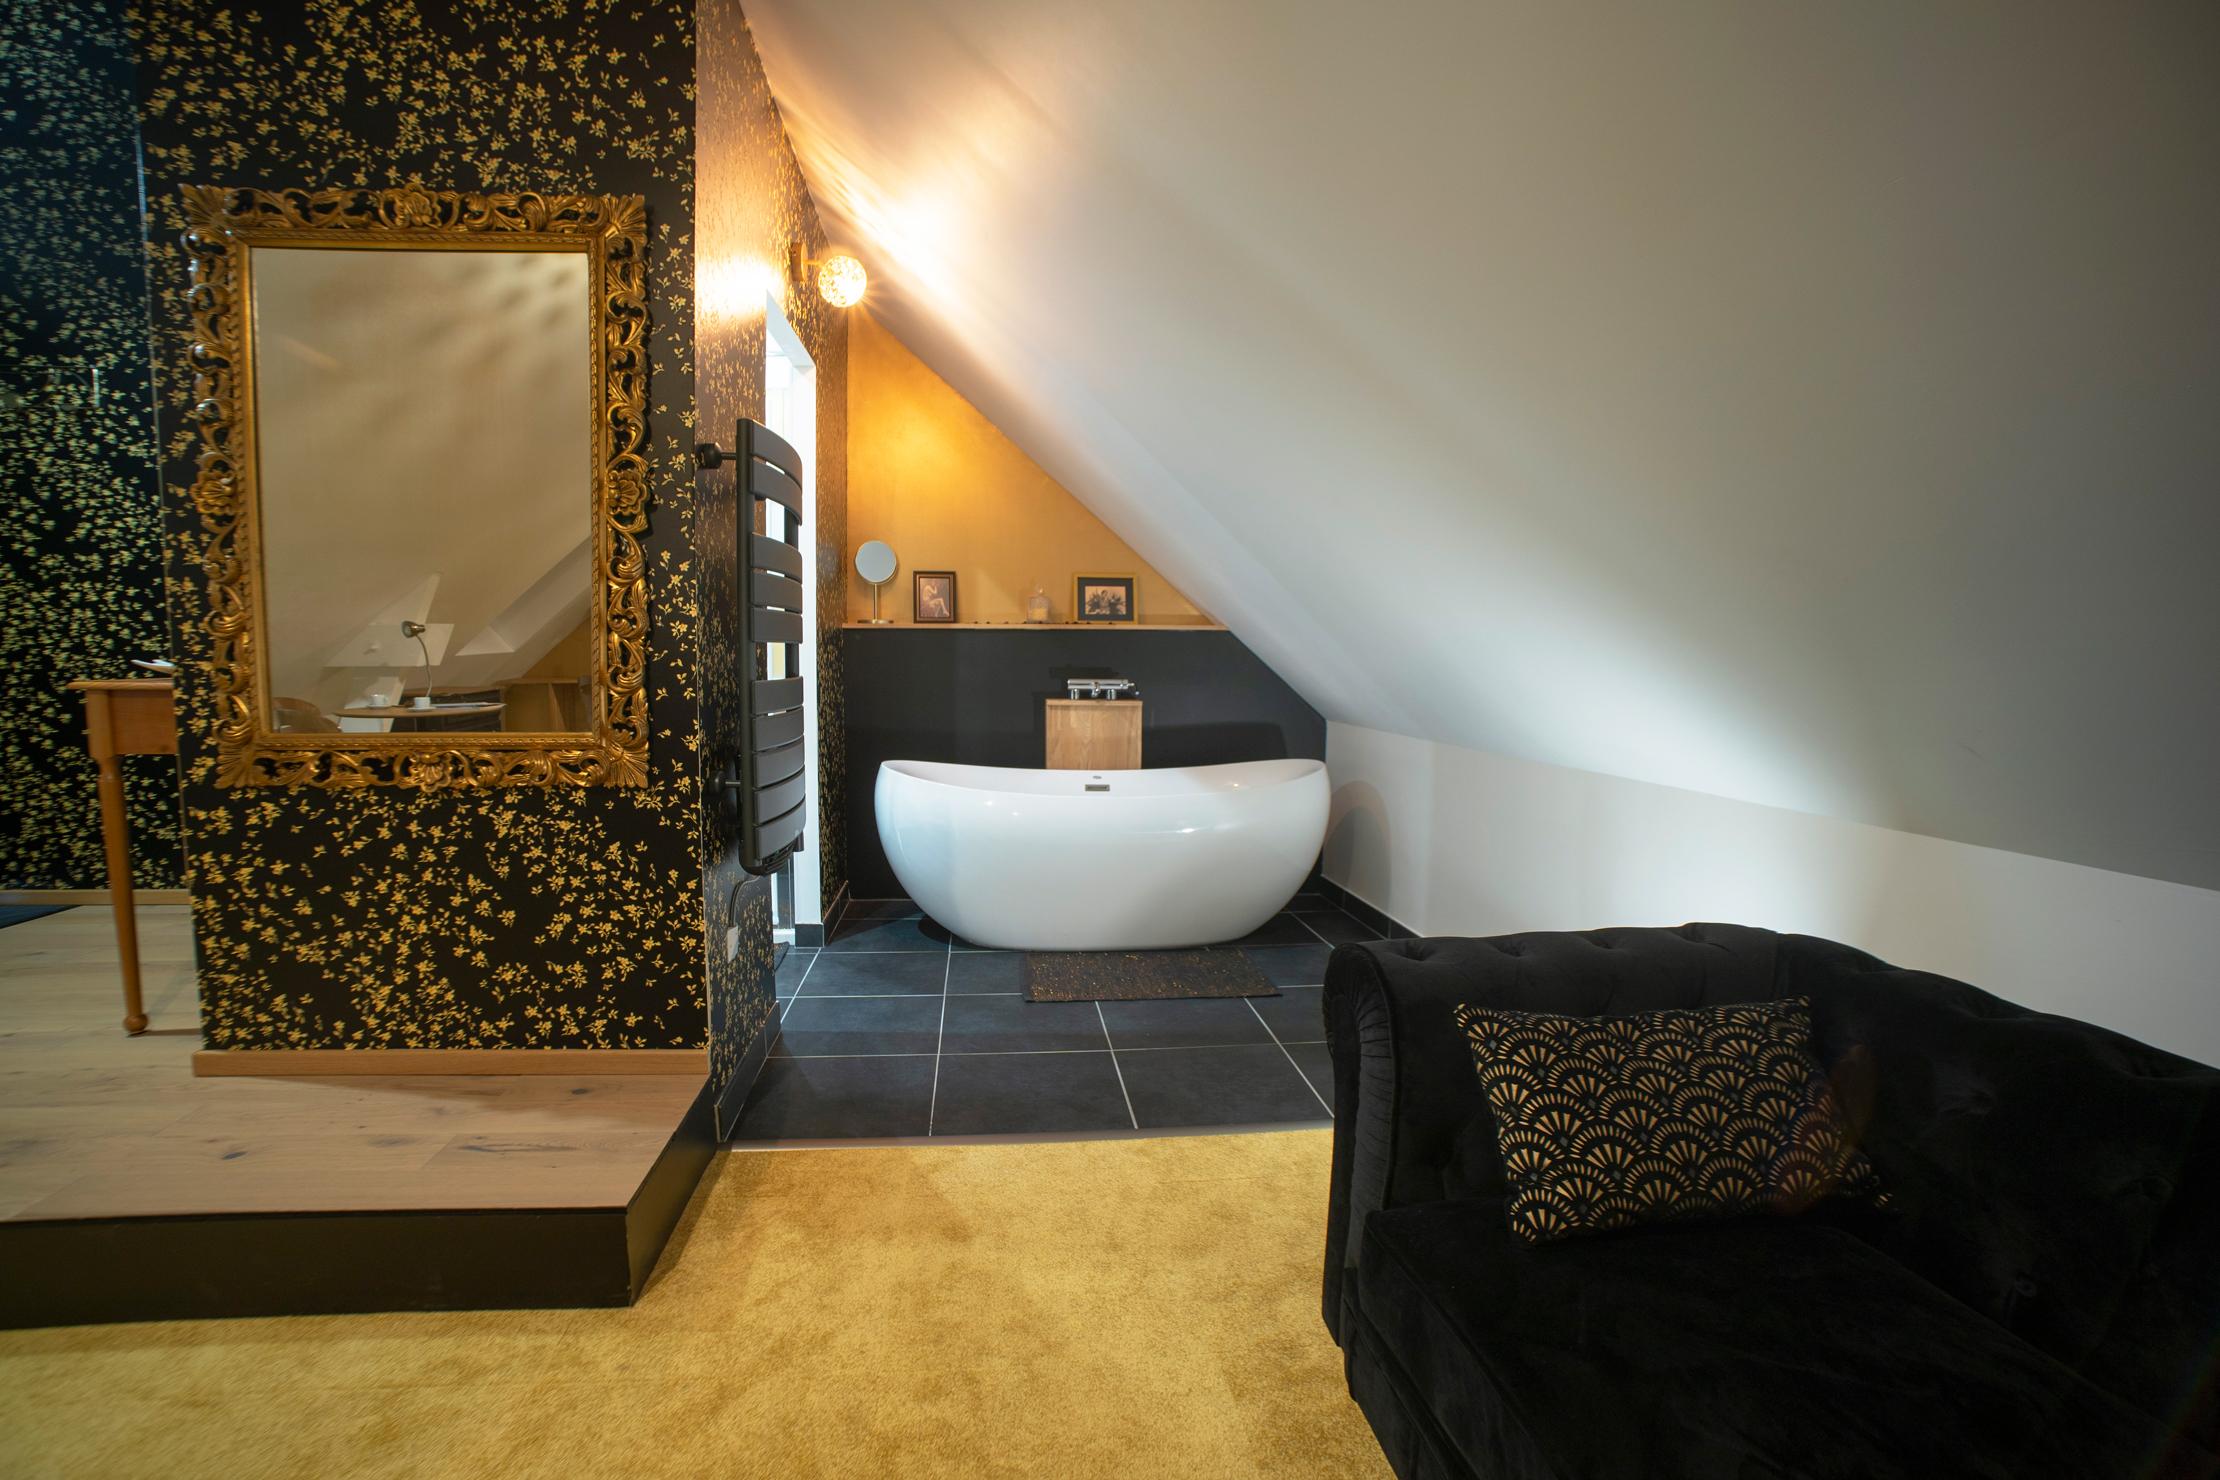 baignoire ilôt et déco or et noir